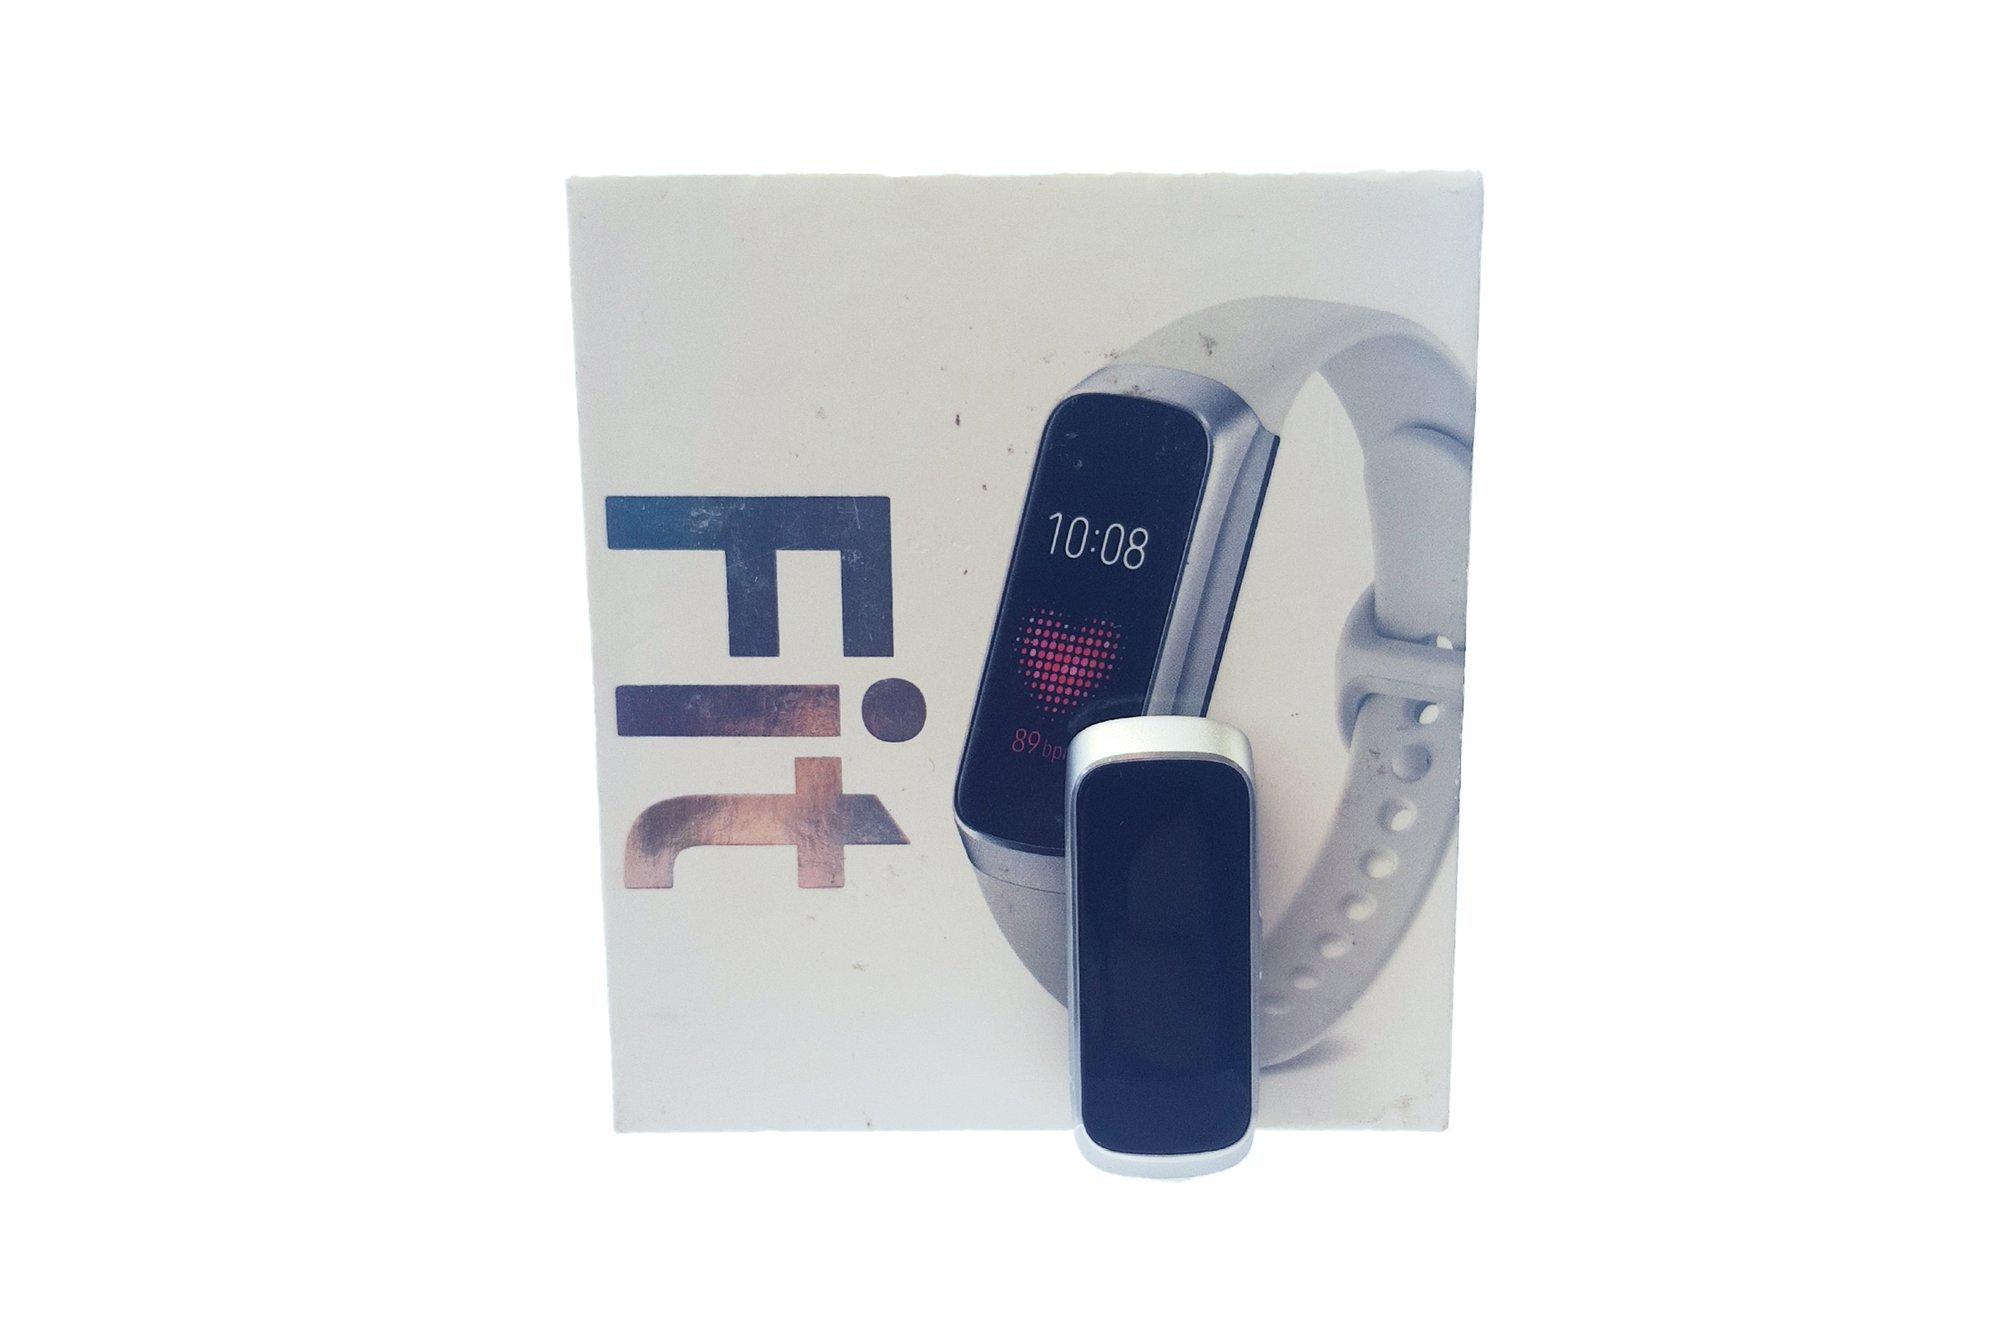 Samsung Galaxy Fit SM-R370 Smart Fitnessuhr Smartwatch Silver Damaged